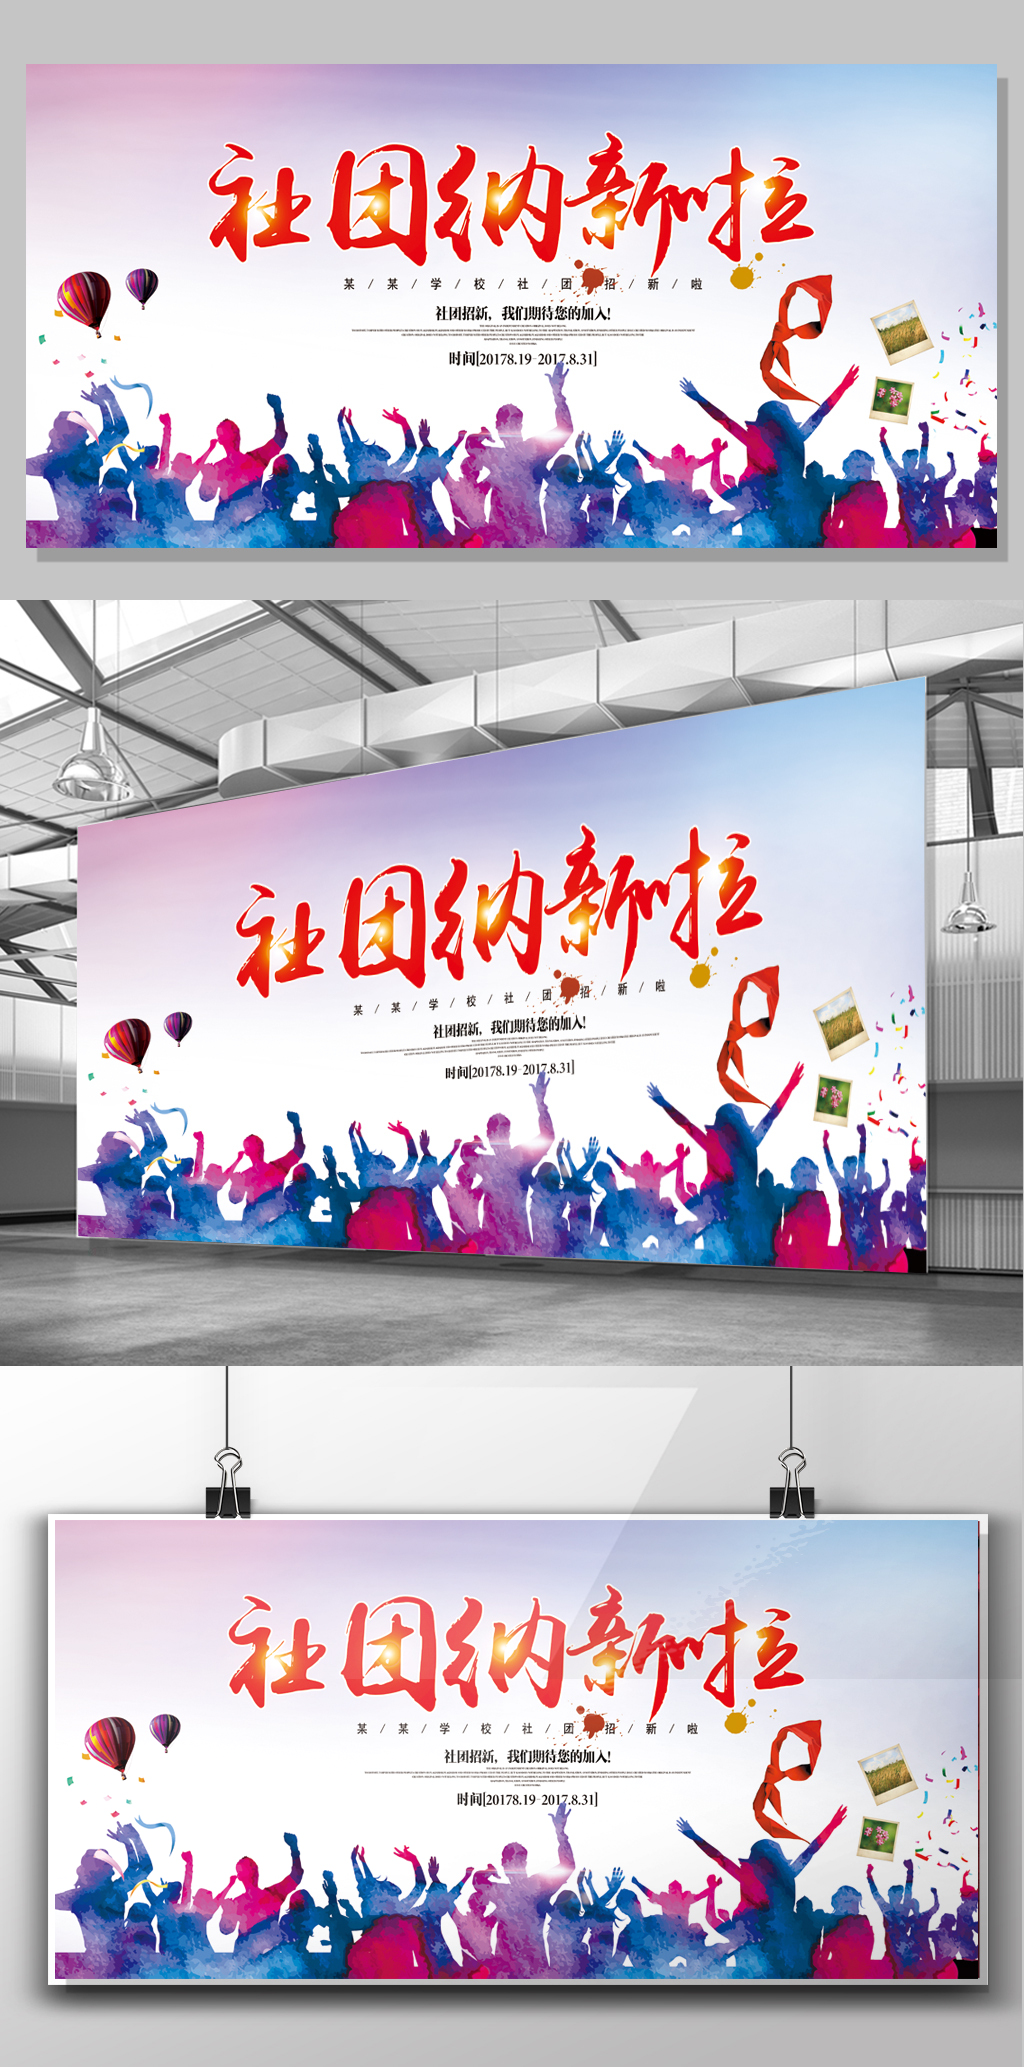 大气社团招新啦展板设计图片素材 高清PSD模板下载 54.41MB zhoujie881228分享 海报设计大全